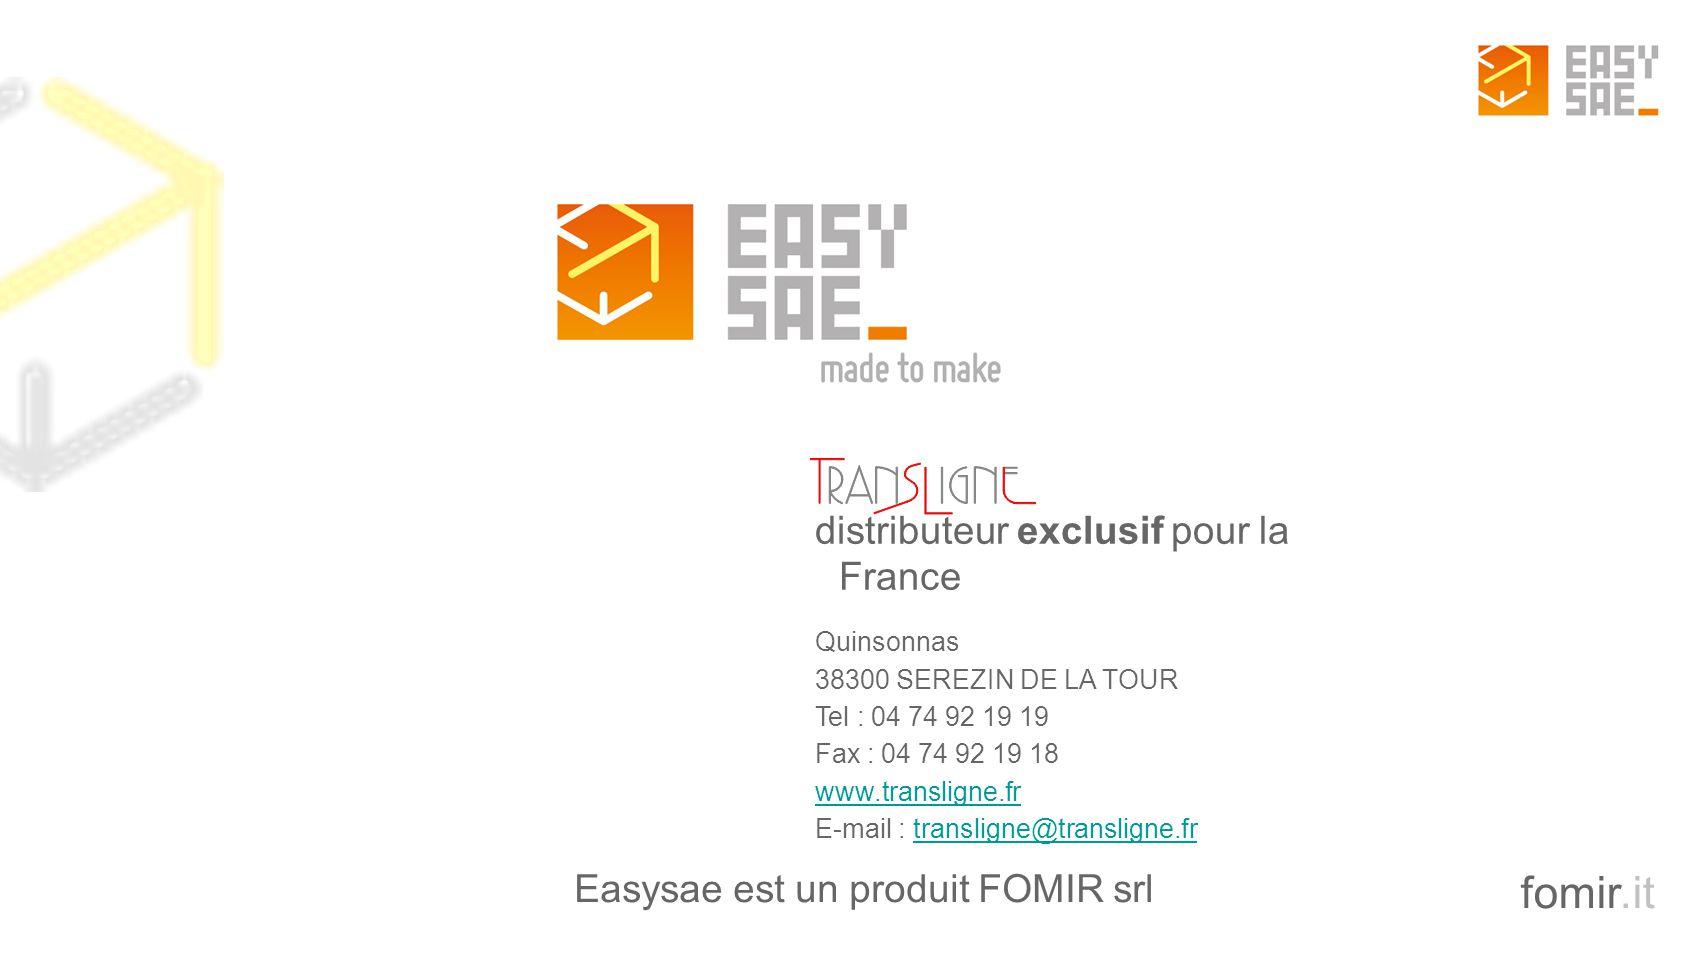 Easysae est un produit FOMIR srl